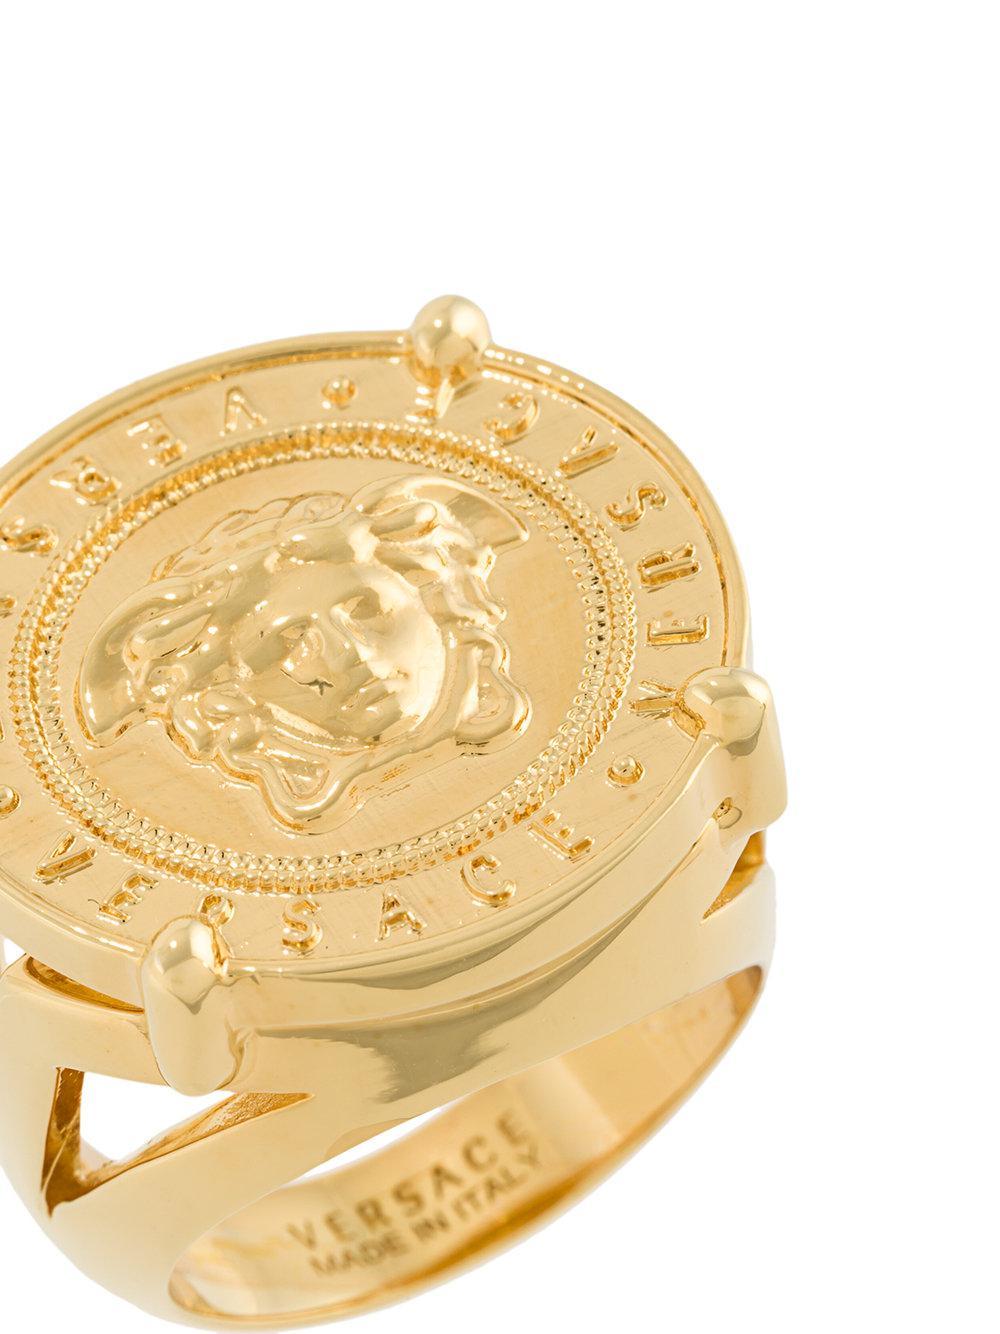 09e56f3687 Lyst - Versace Medusa Head Ring in Metallic for Men